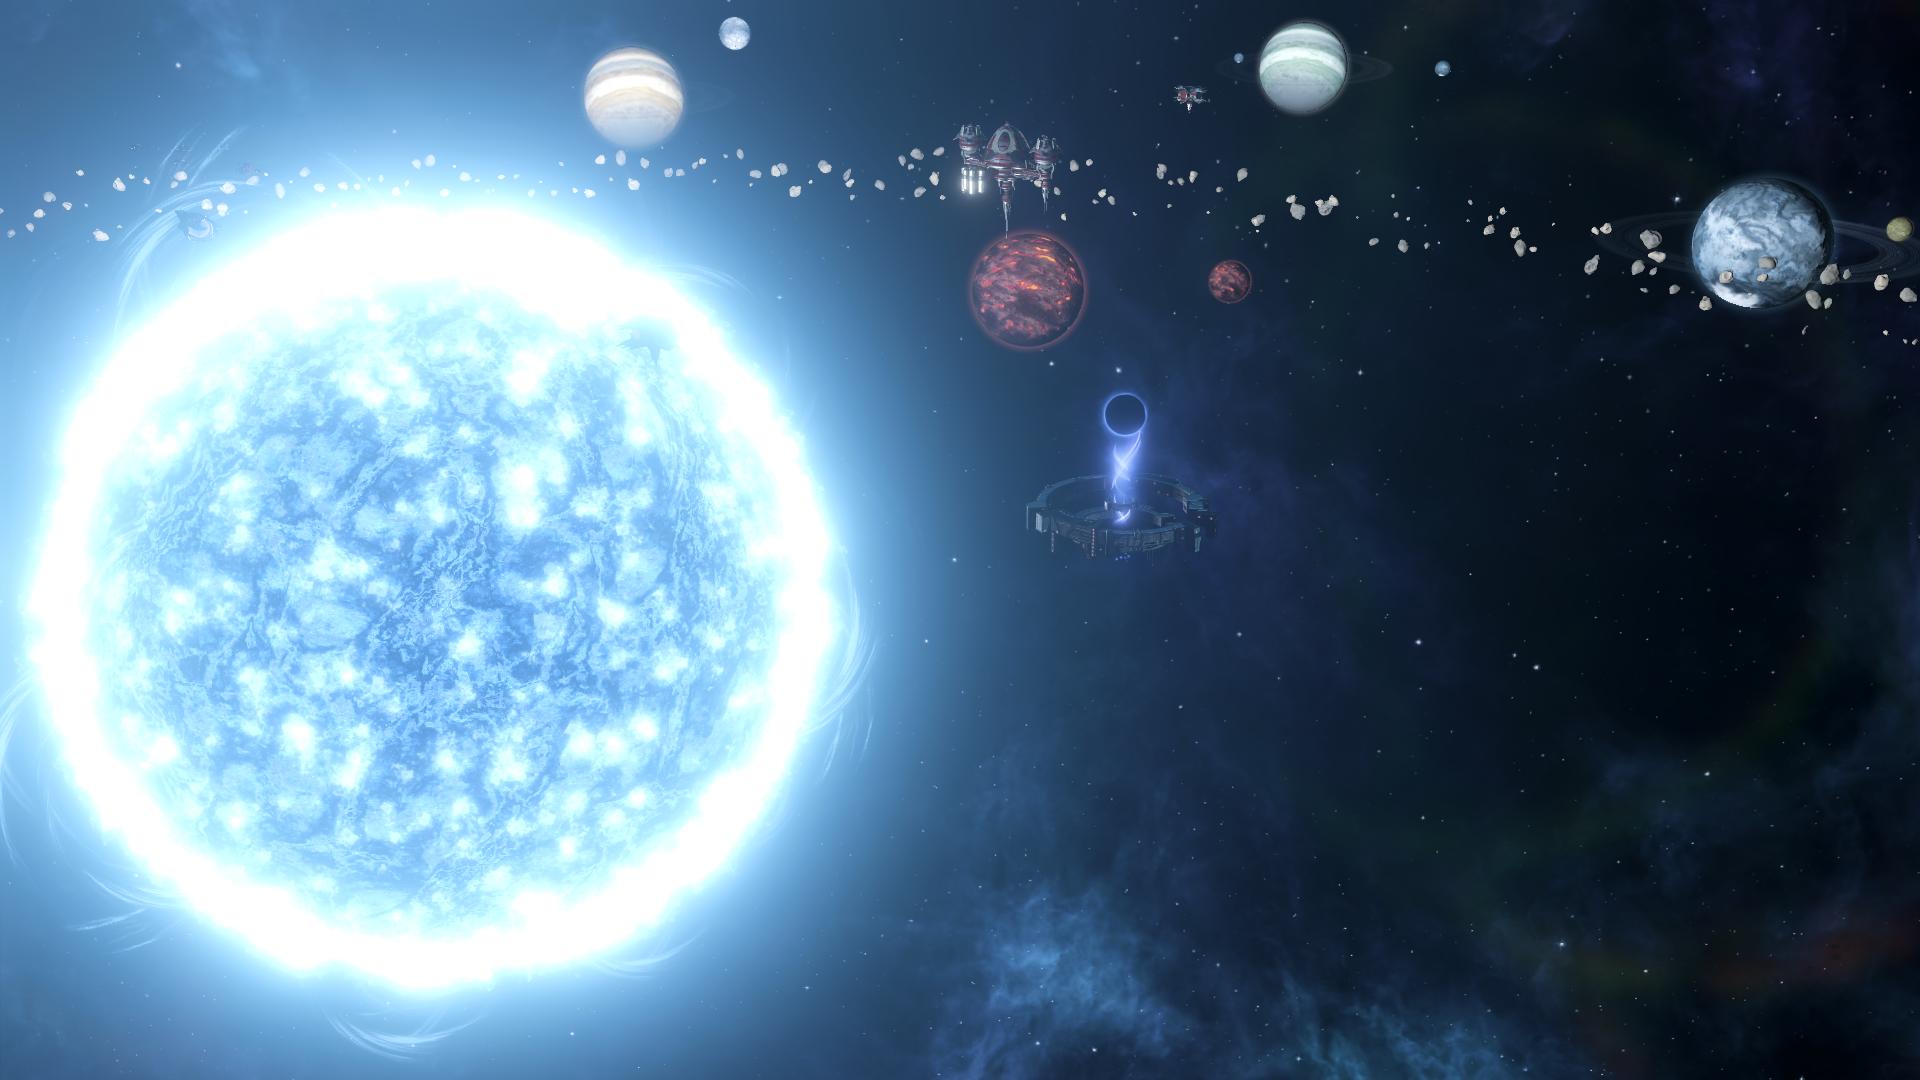 Dec 6, 2018 Stellaris: MegaCorp Out Now Stellaris